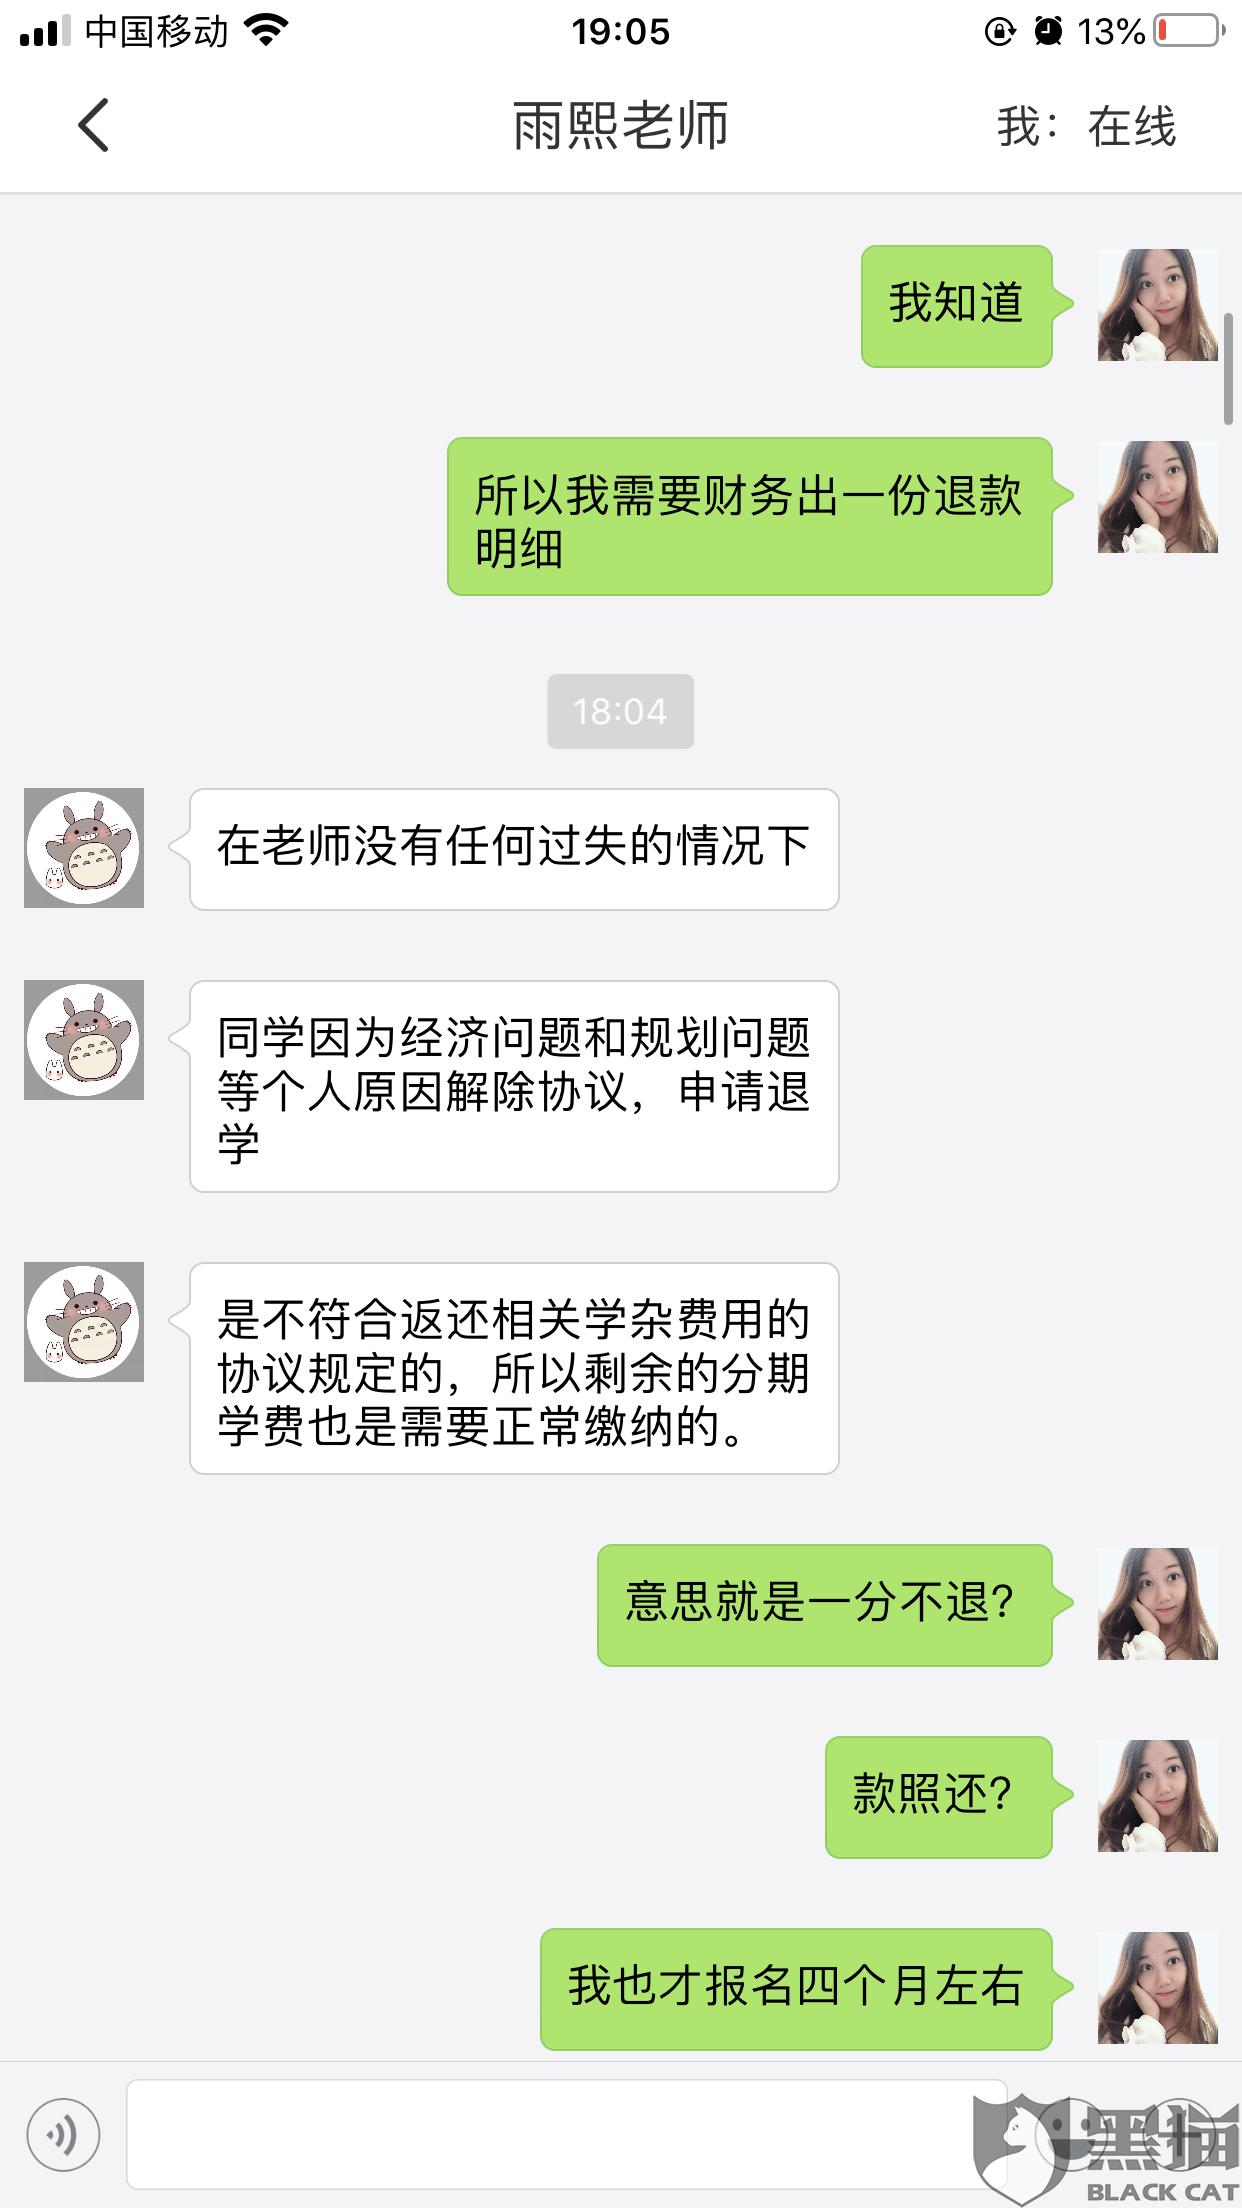 黑猫投诉:广州师大教育霸王条款 不予退款